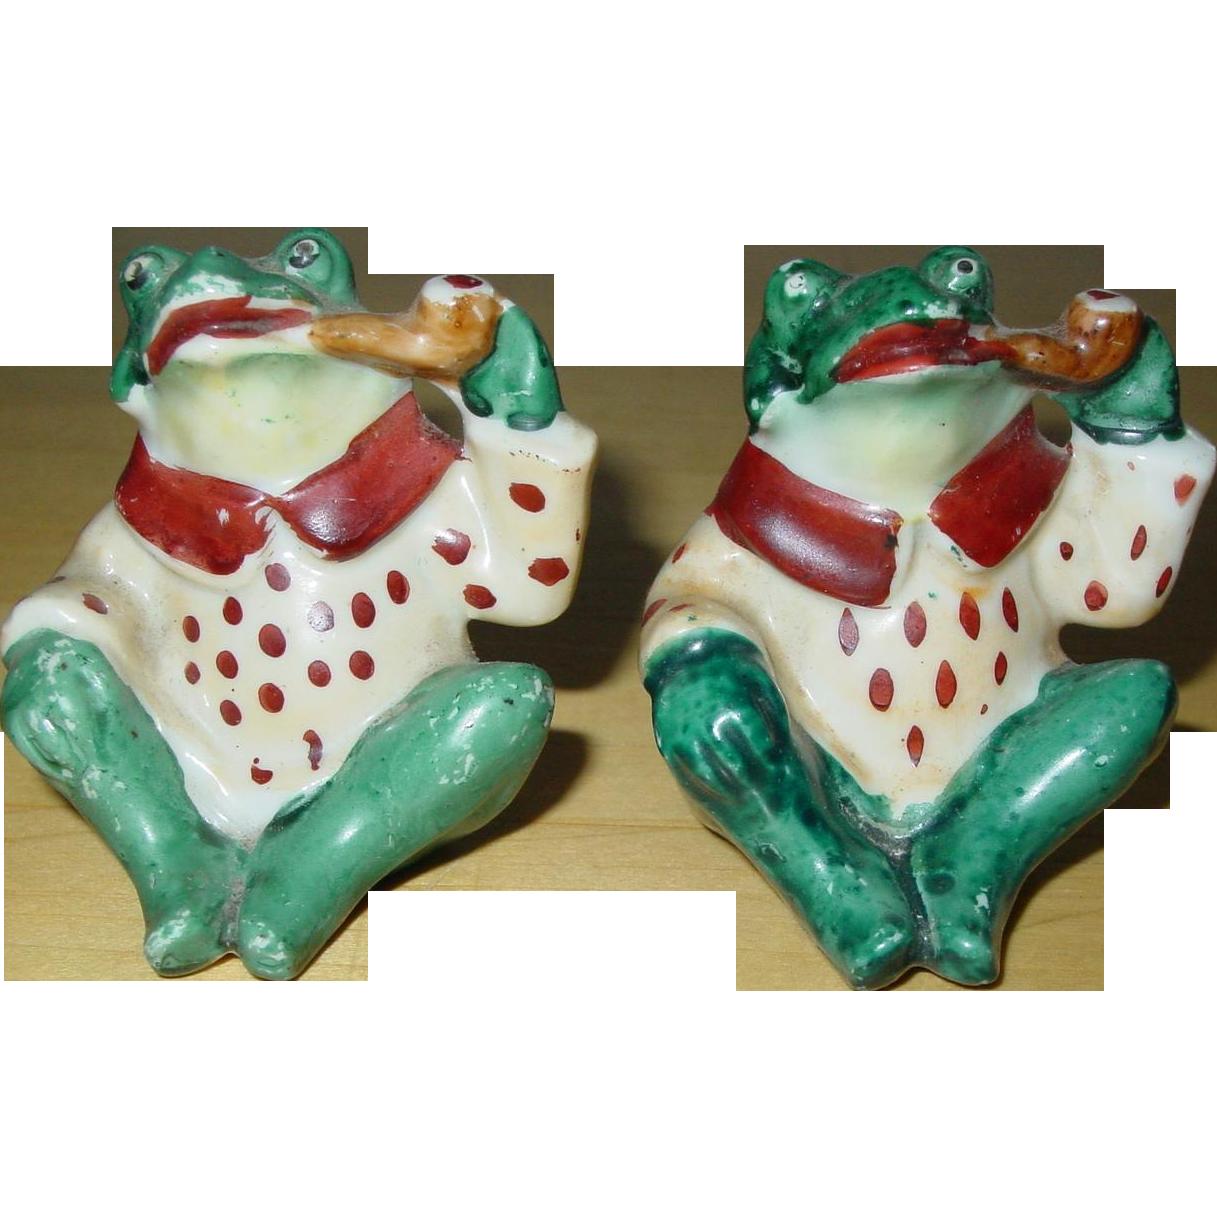 Vintage Frog Salt and Pepper Shakers 1940's Smoking Pipe Sitting Pair Japan